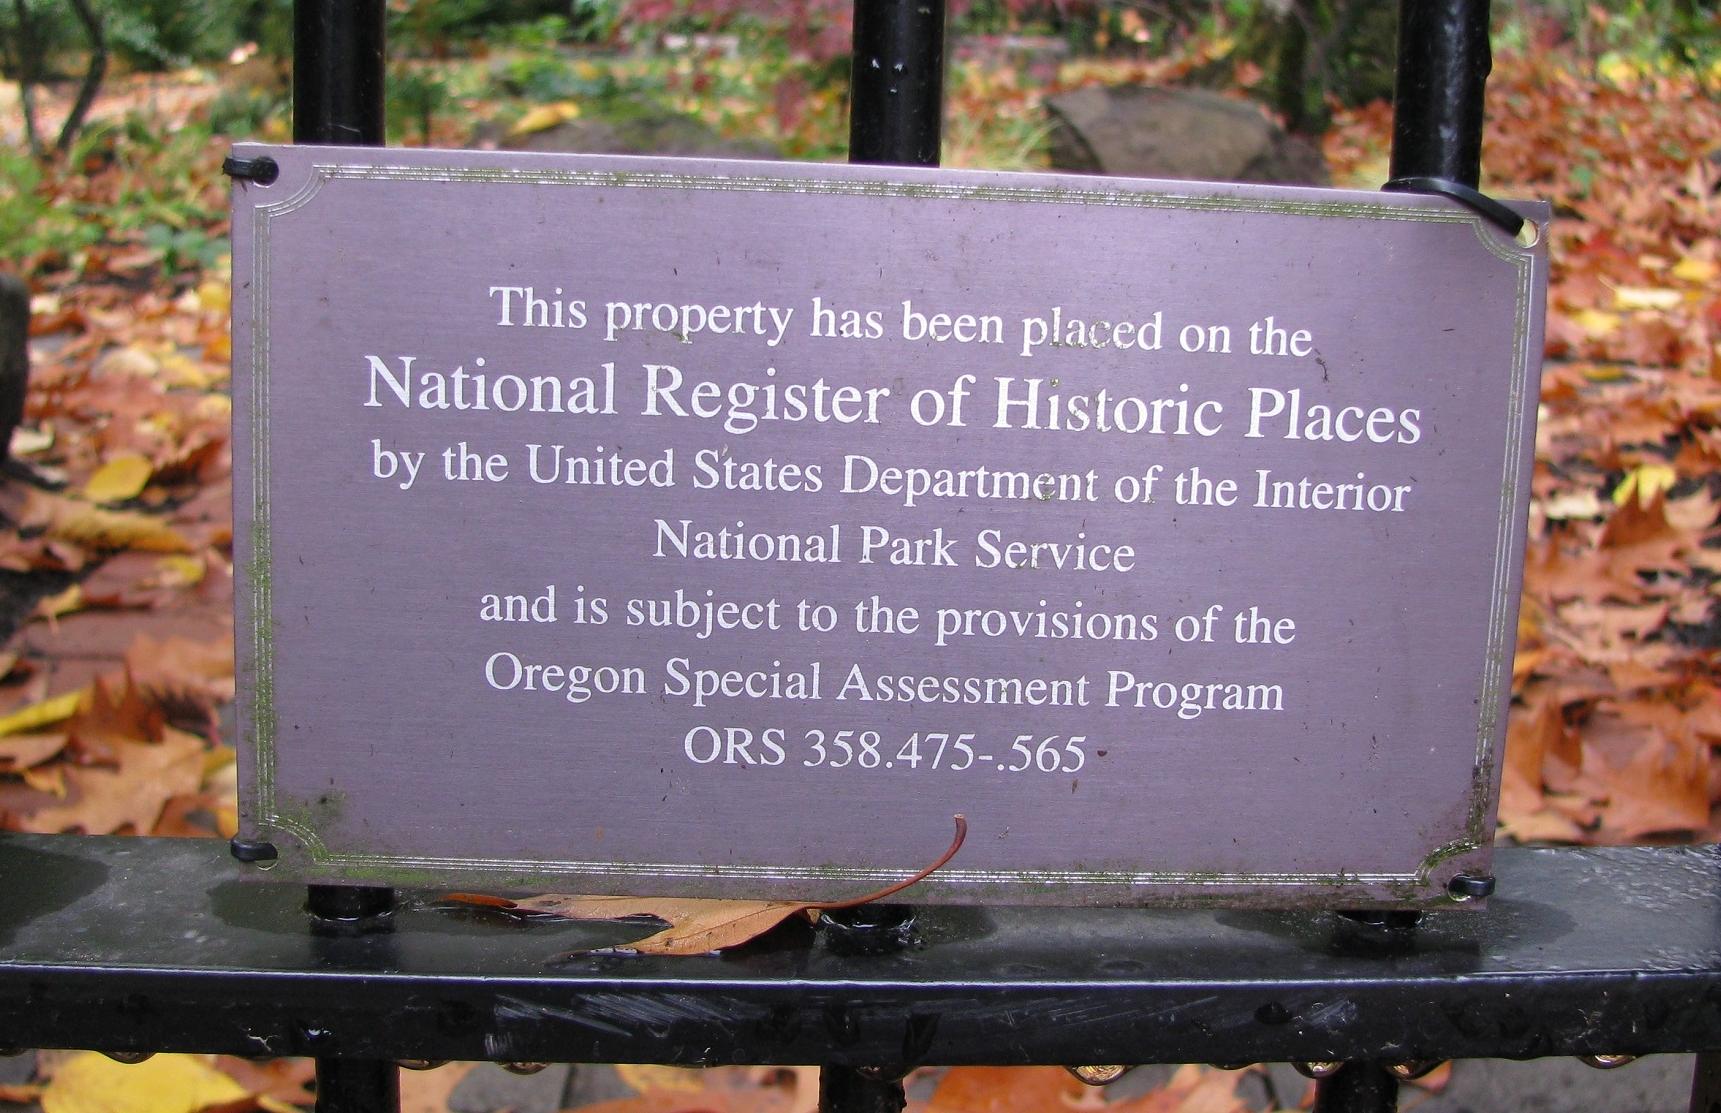 Lynch Garden Nov 08 059.jpg